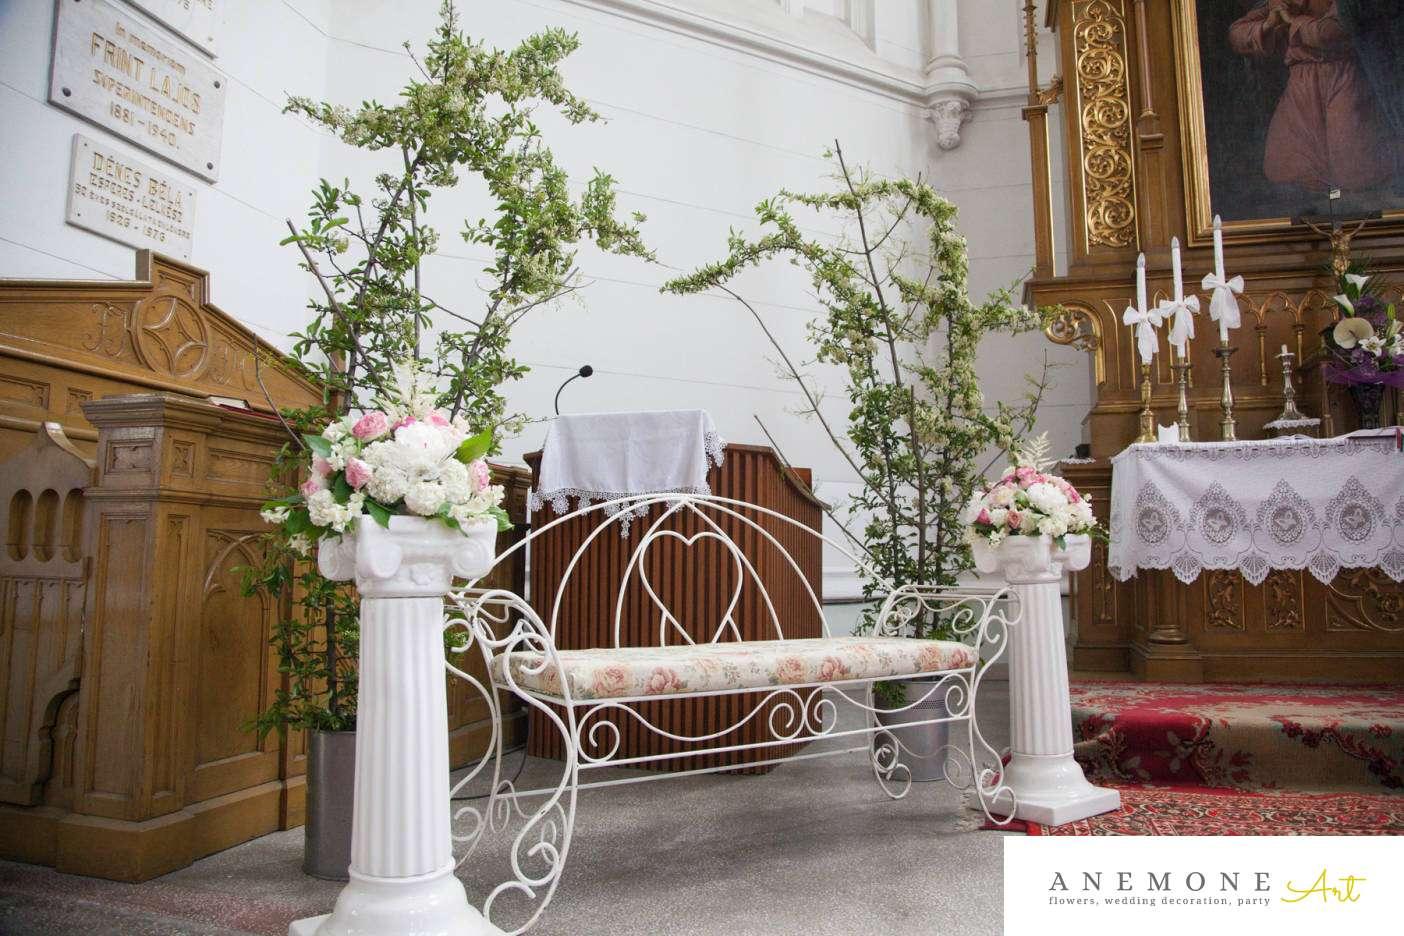 Poza, foto cu Flori de nunta banca, decor biserica, stalp ceramica in Arad, Timisoara, Oradea (wedding flowers, bouquets) nunta Arad, Timisoara, Oradea